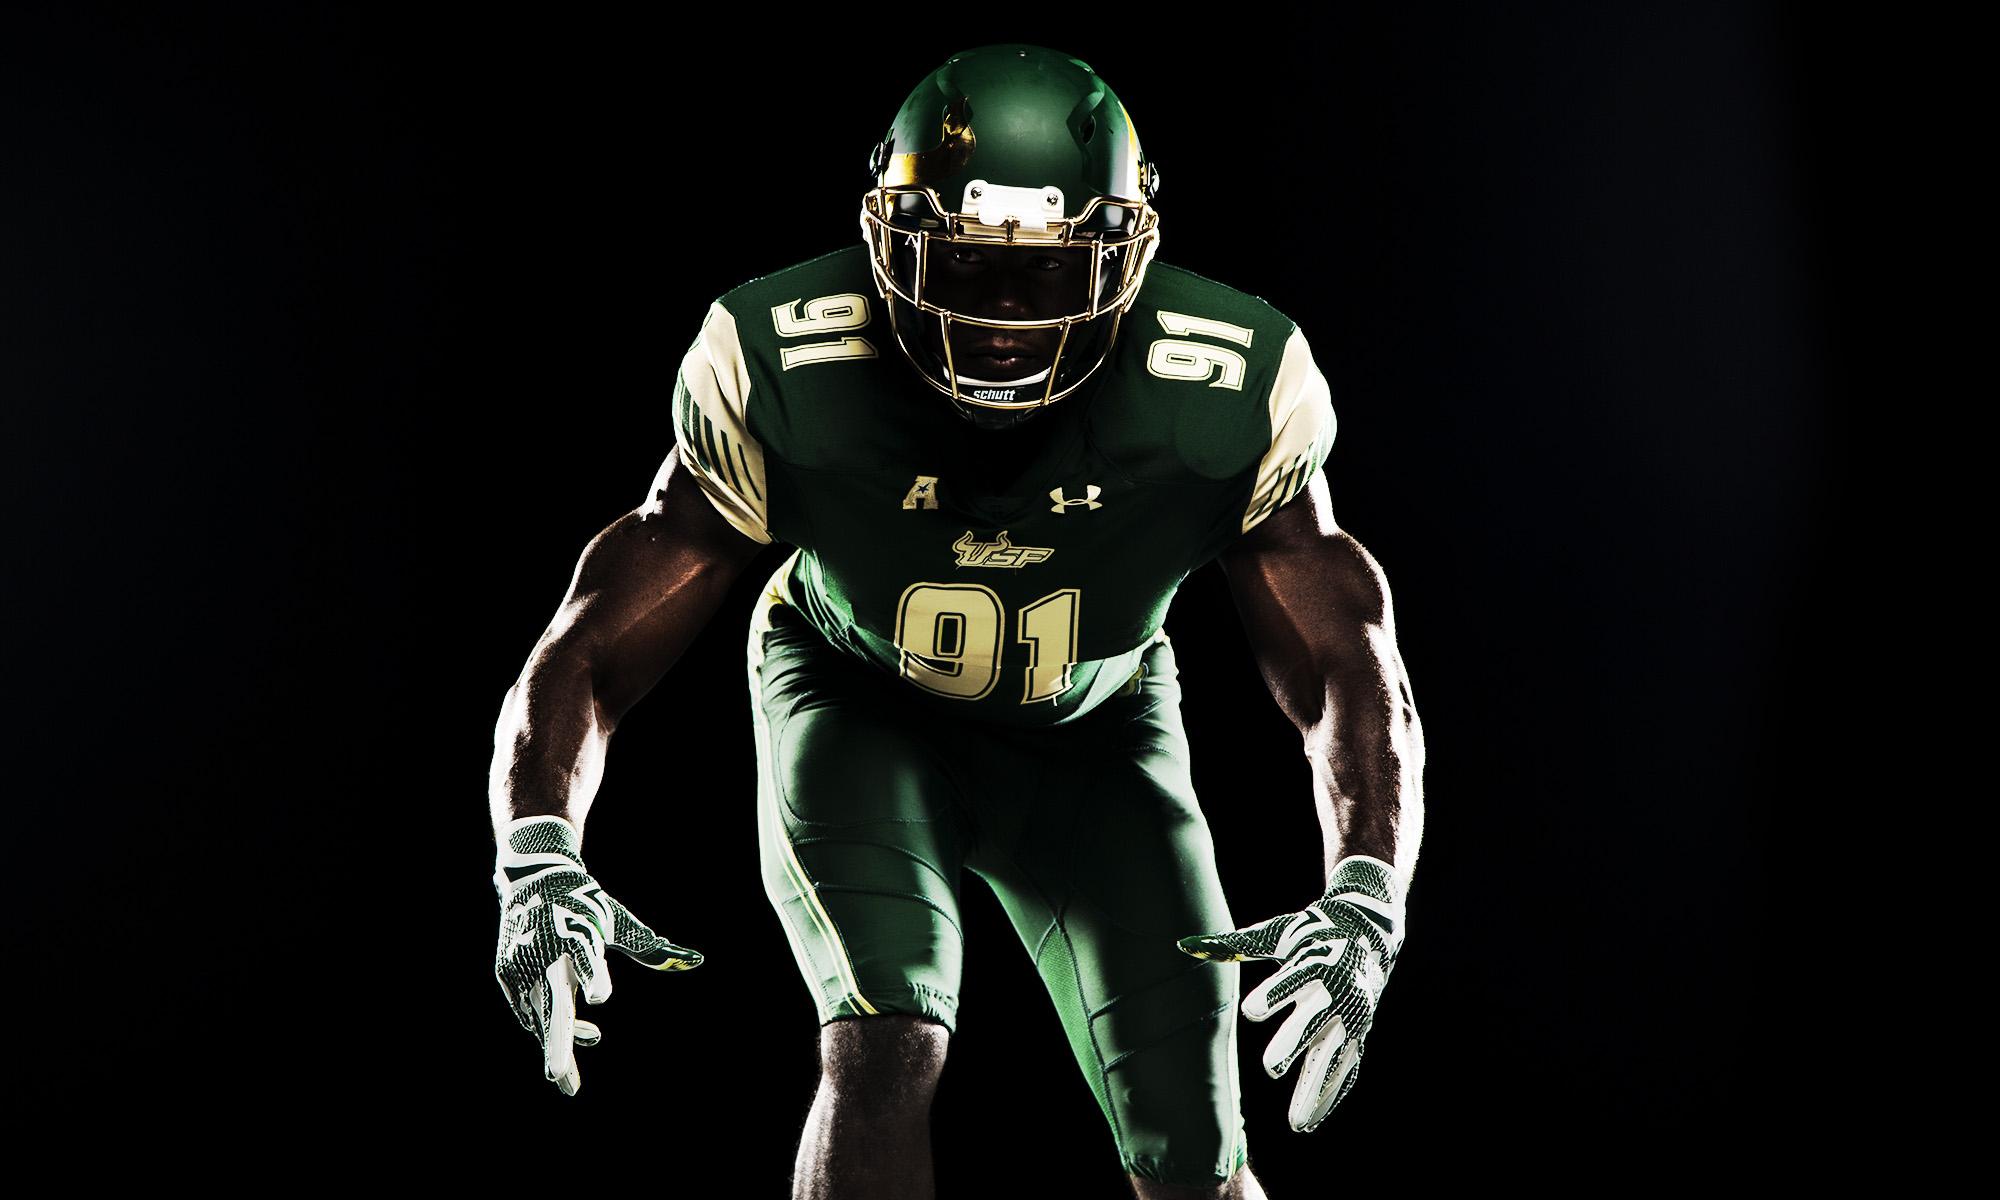 Football-Green-585.jpg